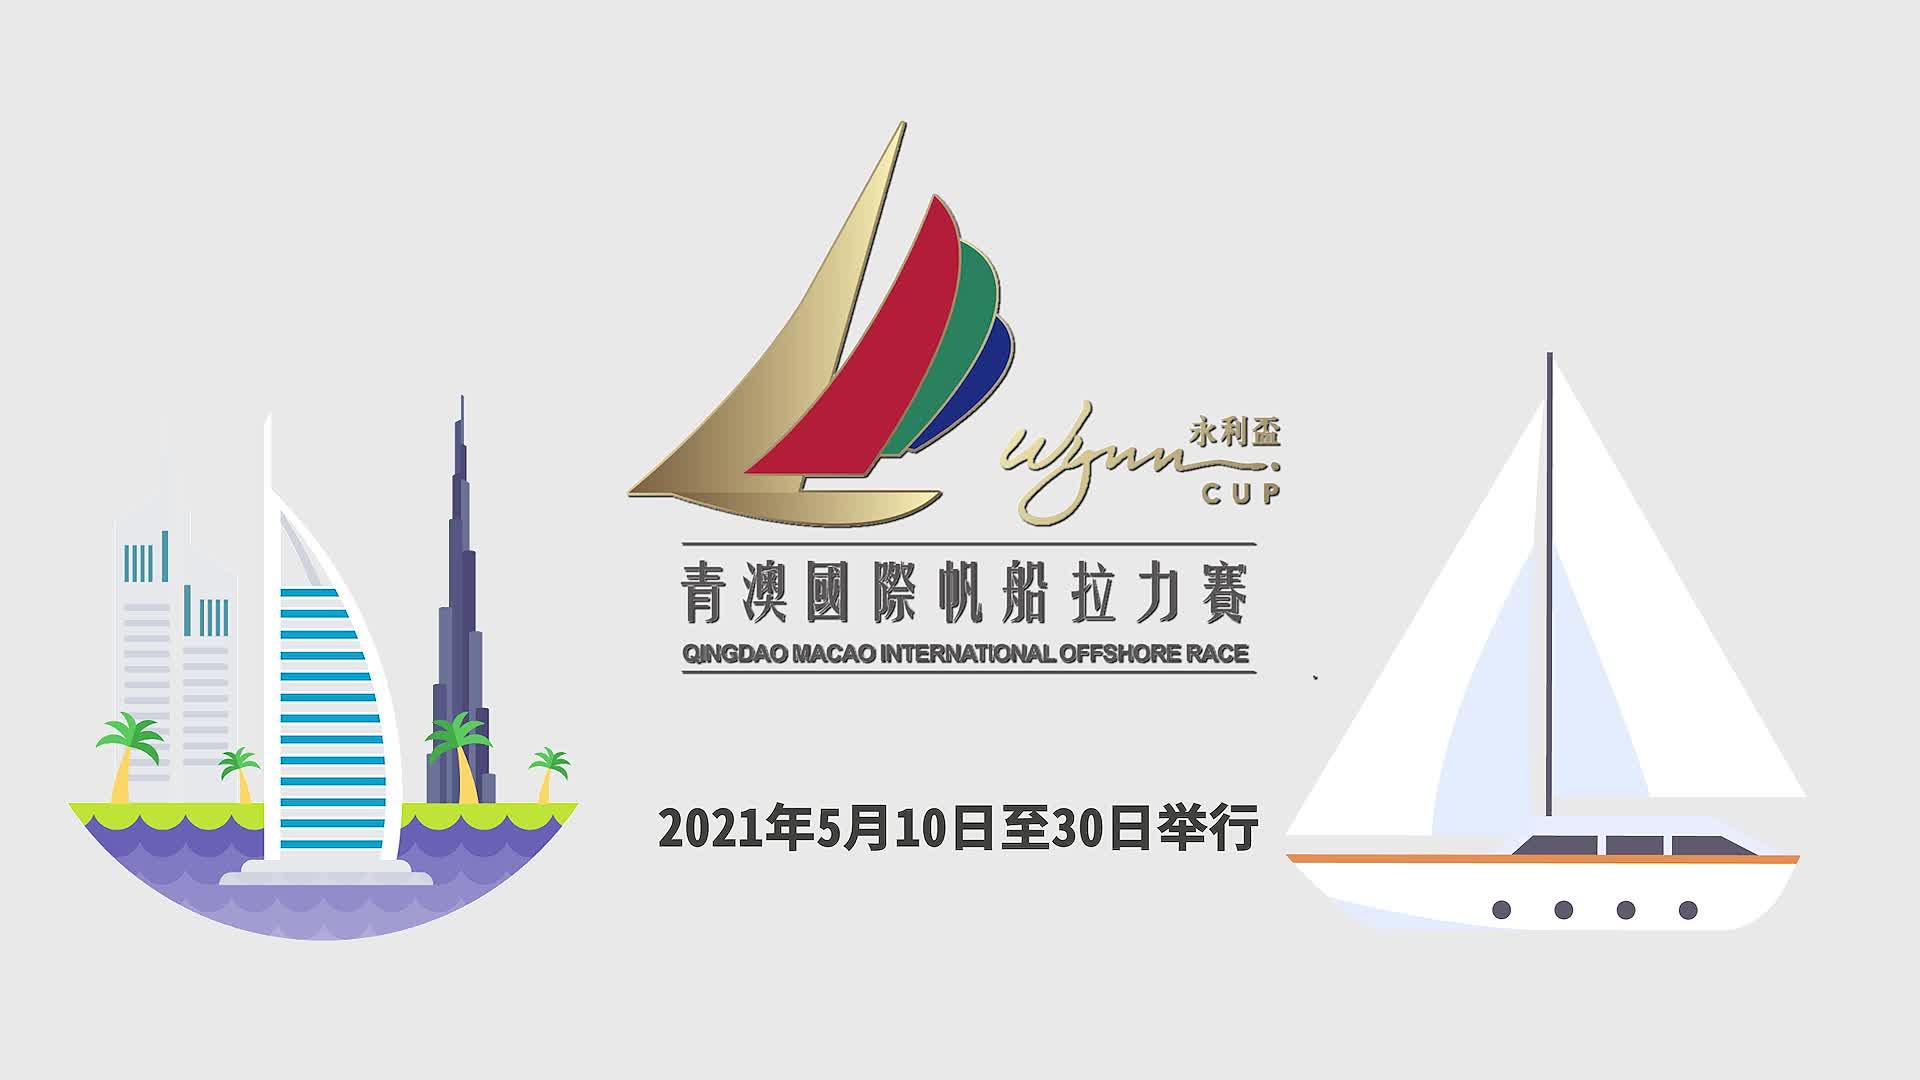 帆船运动小知识:1990年入奥 共有4大类船型